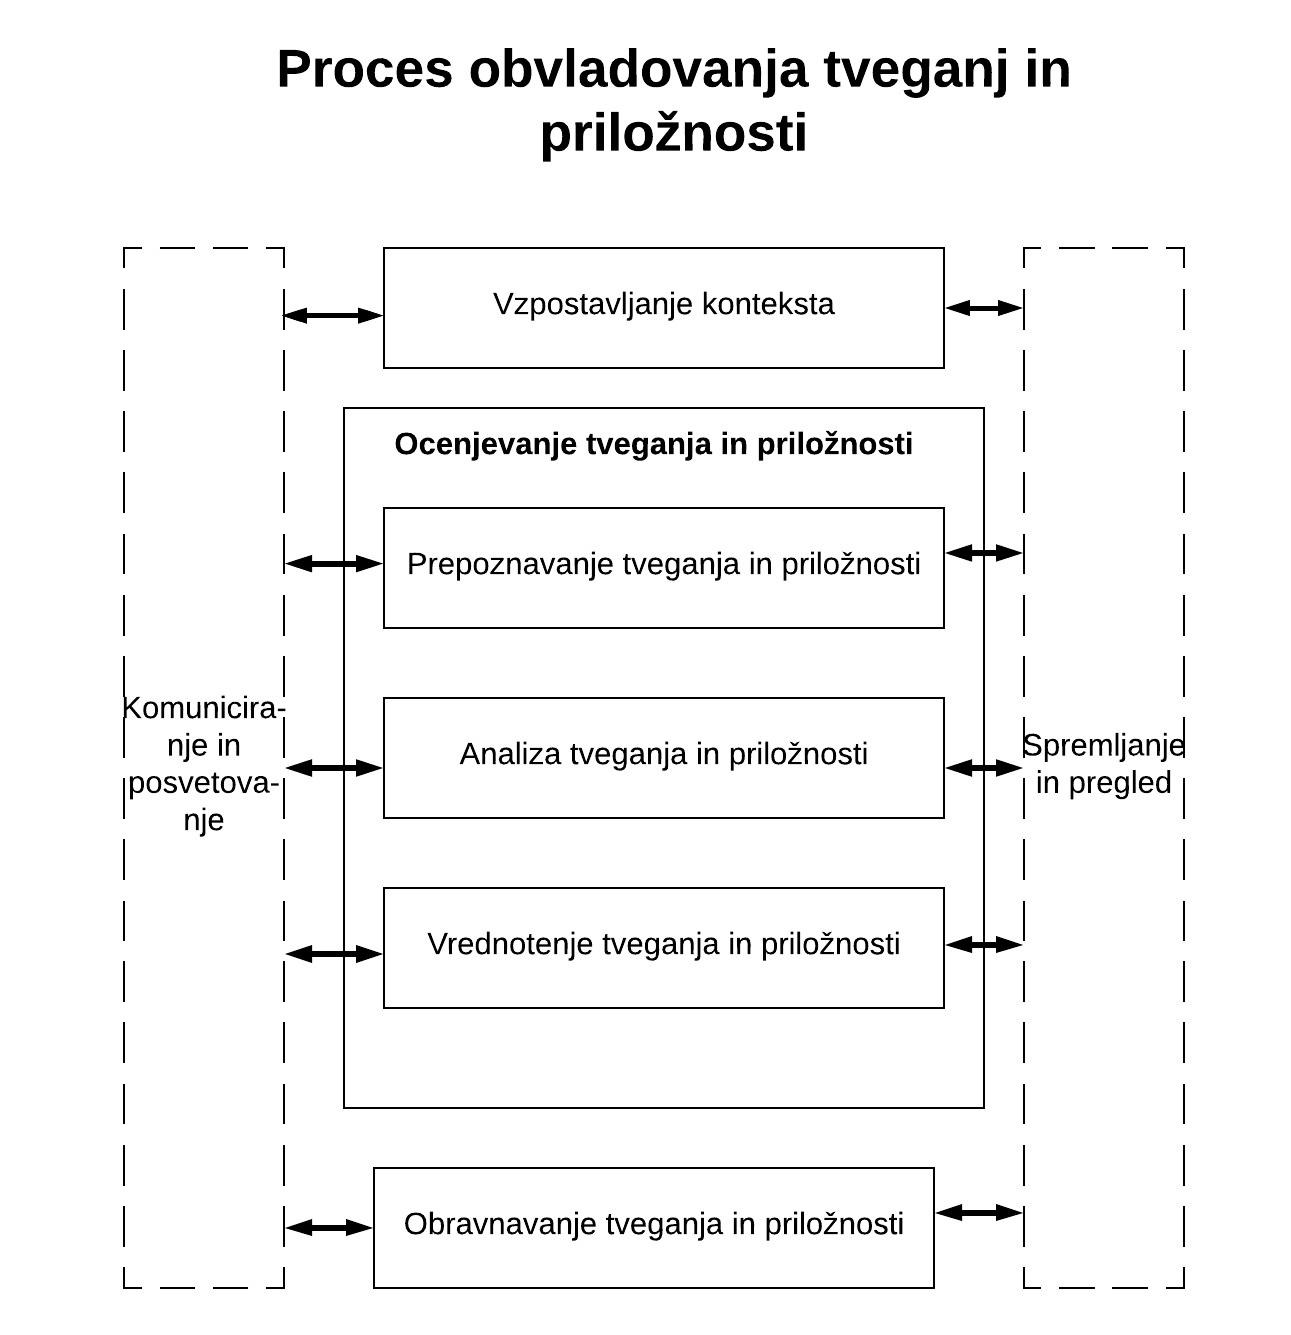 Proces obvladovanja tveganj.jpg